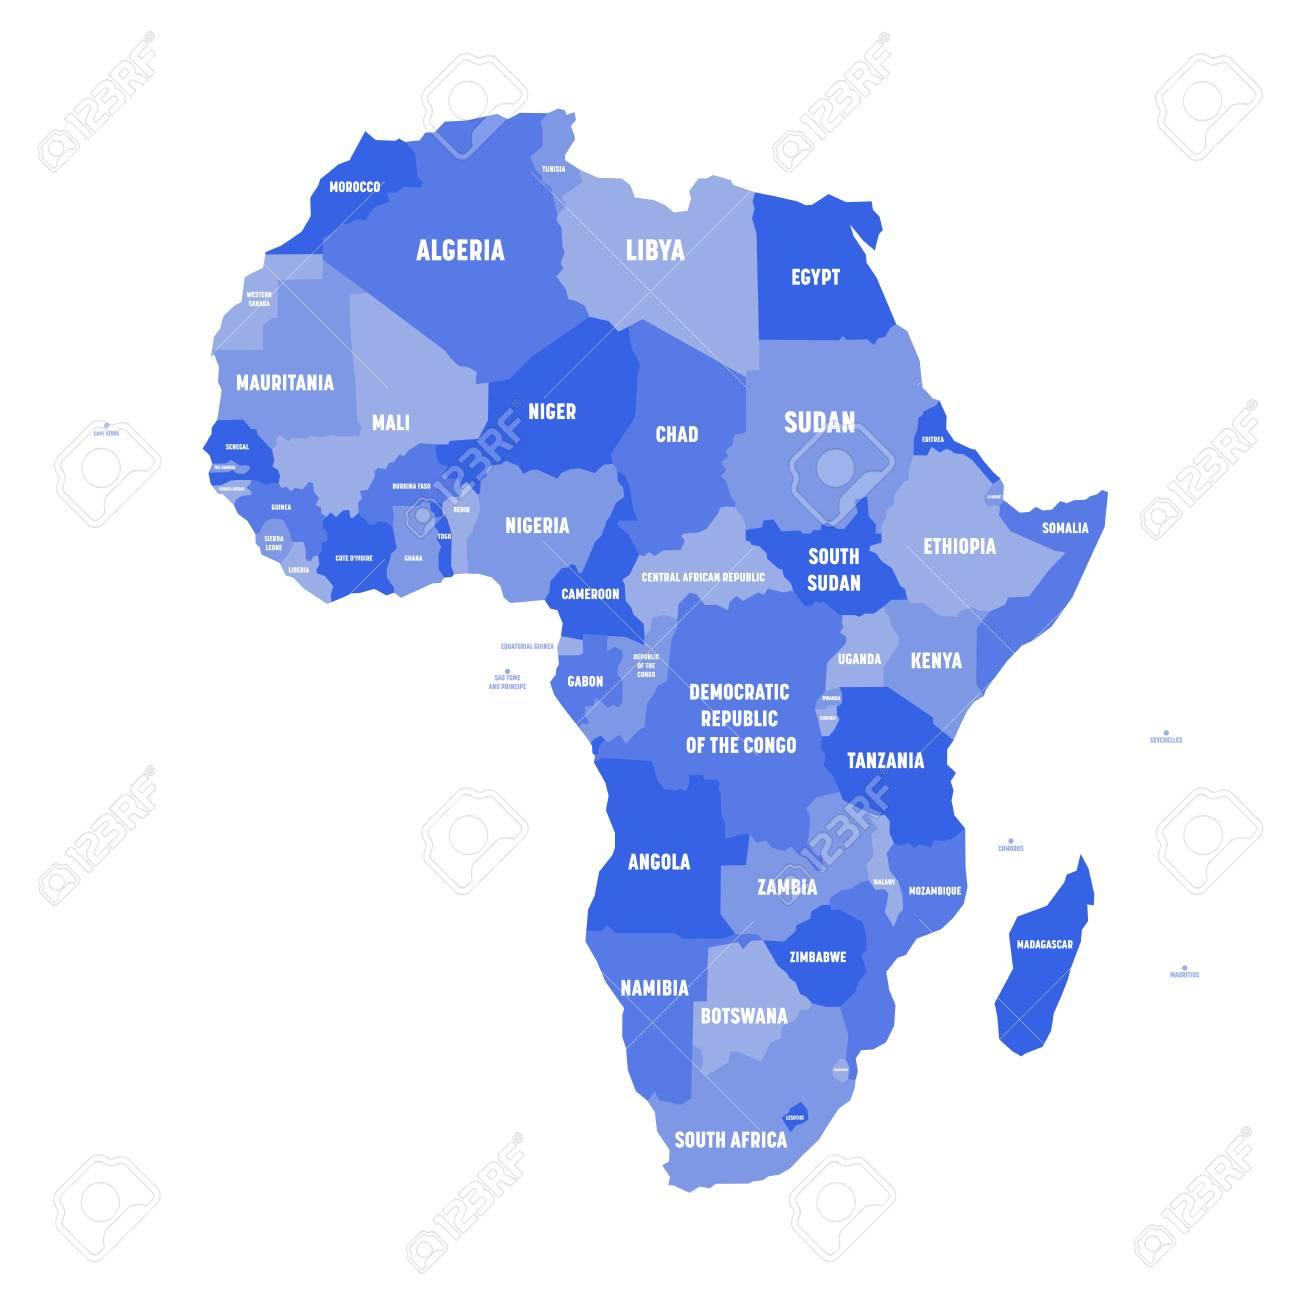 Africa Politica Cartina In Italiano.Mappa Politica Dell Africa In Quattro Tonalita Di Verde Con Etichette Di Nome Paese Bianco Su Sfondo Bianco Illustrazione Vettoriale